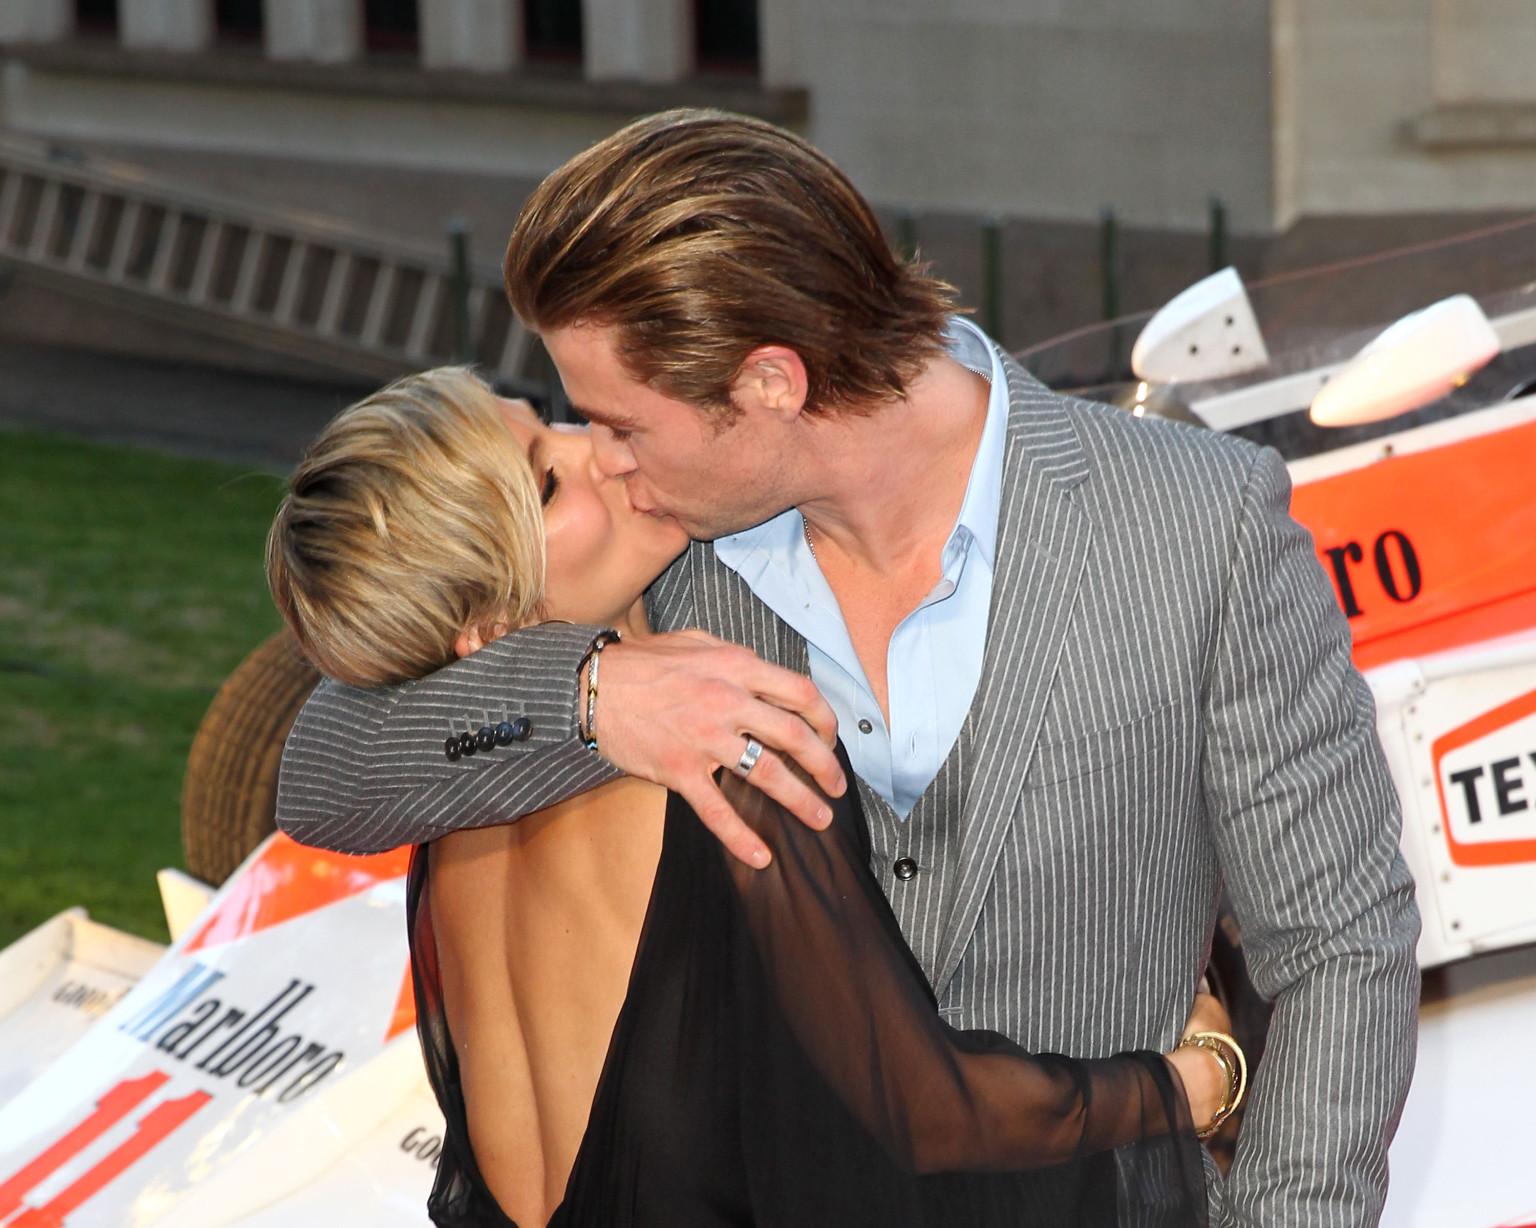 Chris Hemsworth And Elsa Pataky Share A Major Pda Moment